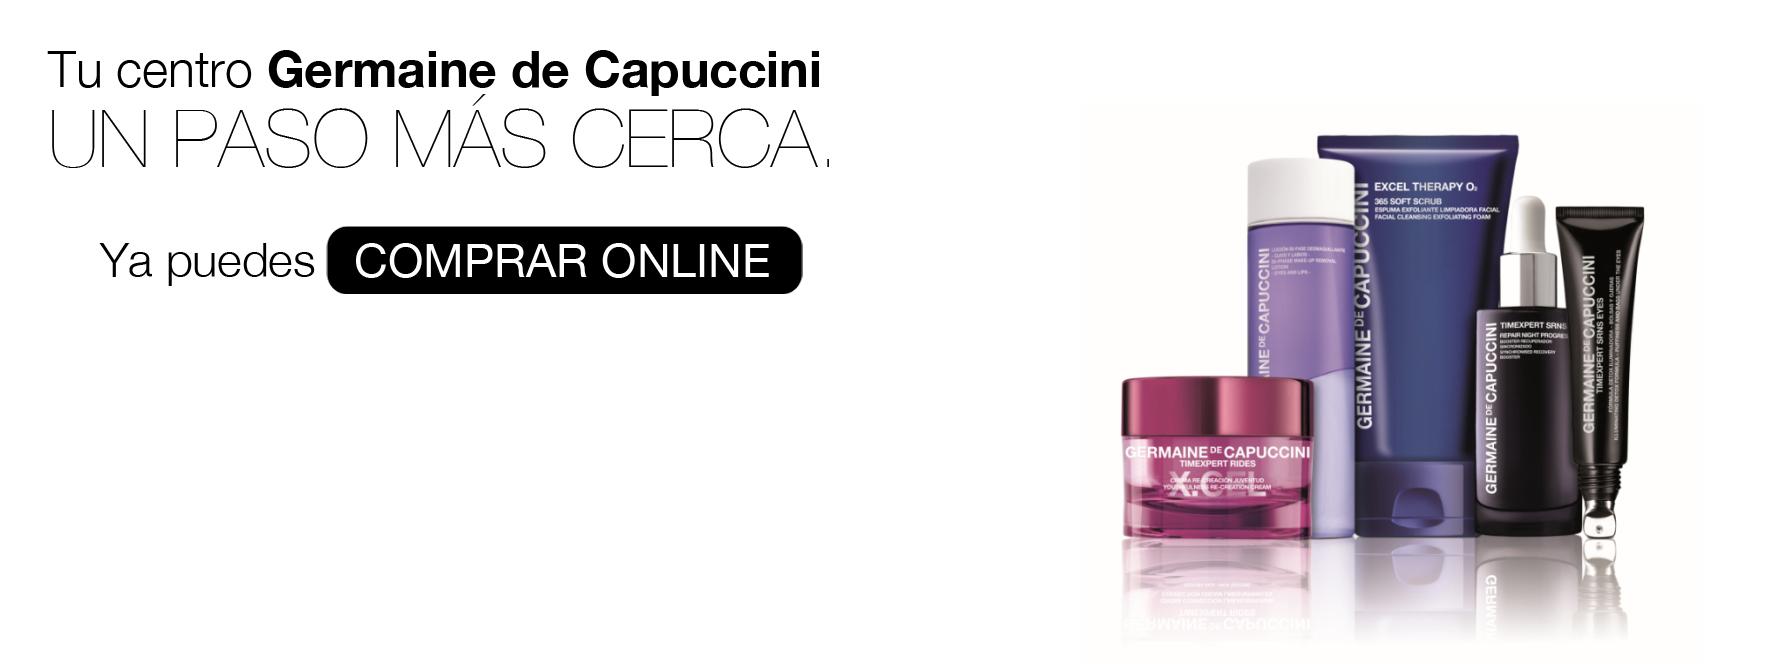 Germaine de Capuccini lanza su tienda online en España